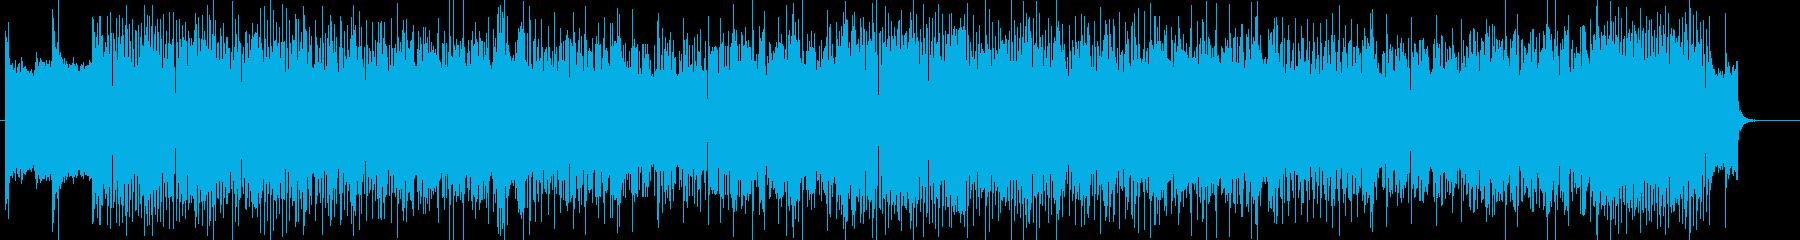 「HR/HM」「DEATH」BGM268の再生済みの波形